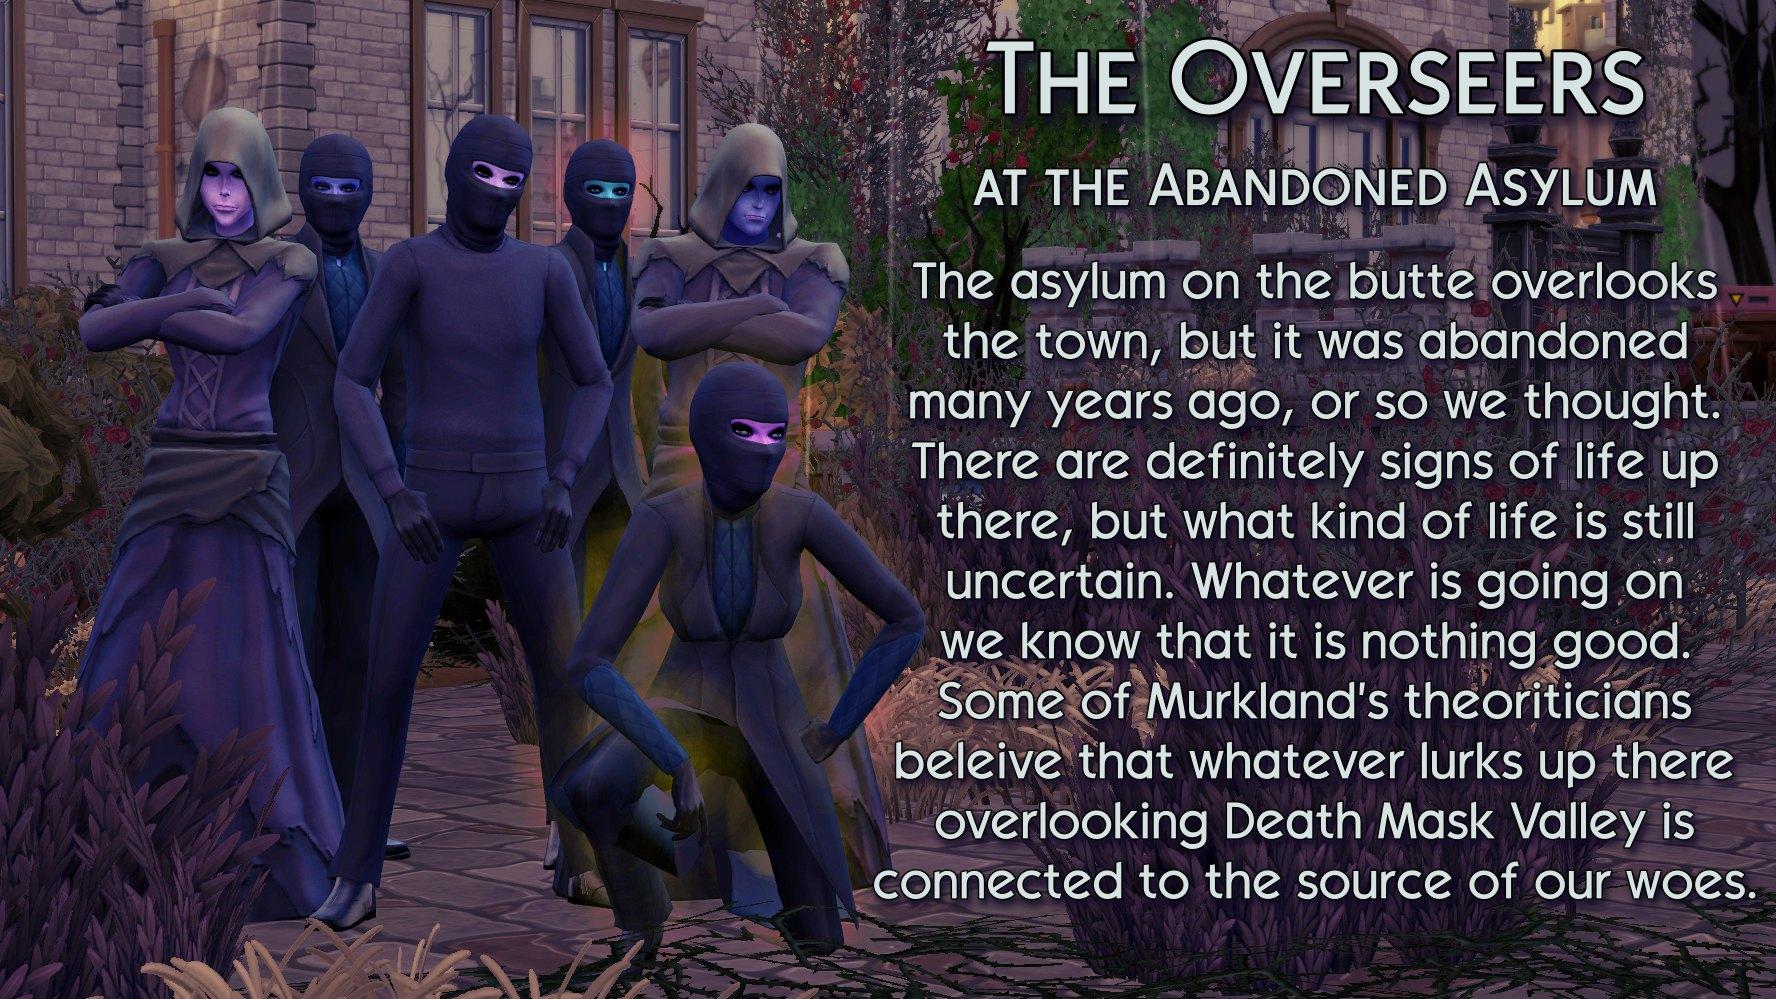 12 Overseers